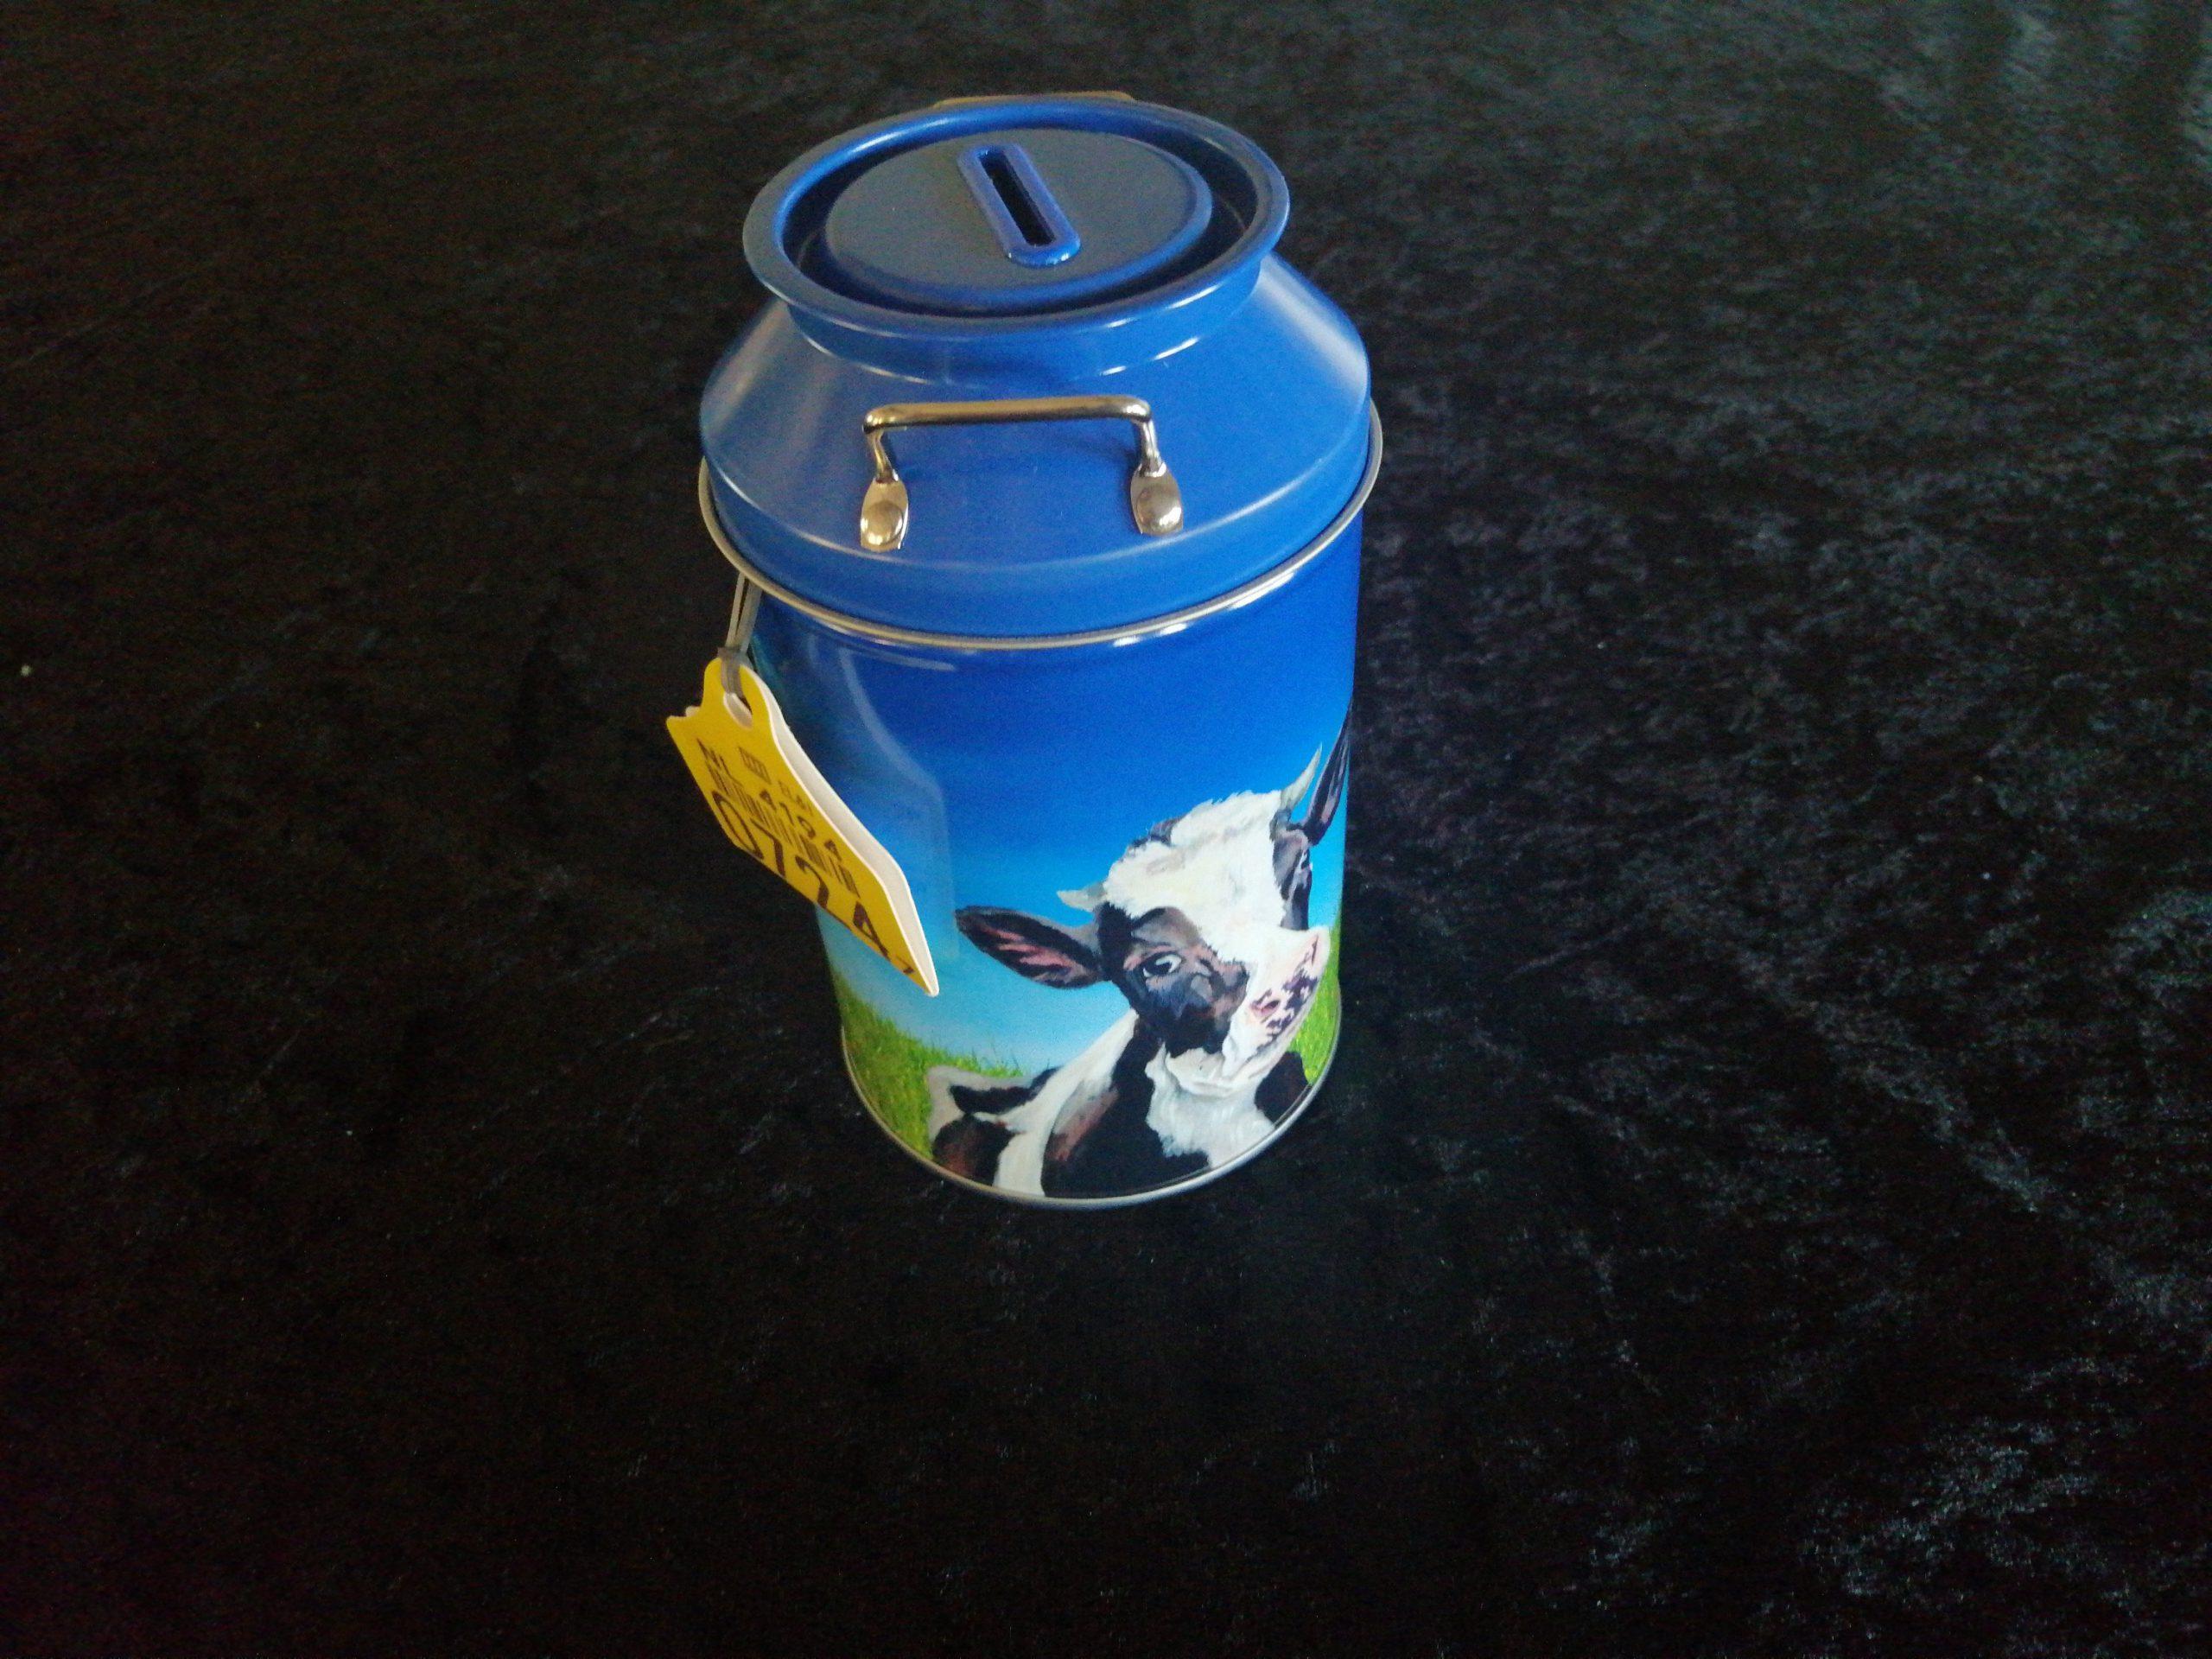 Melkbus/spaarpot met koeiendrop